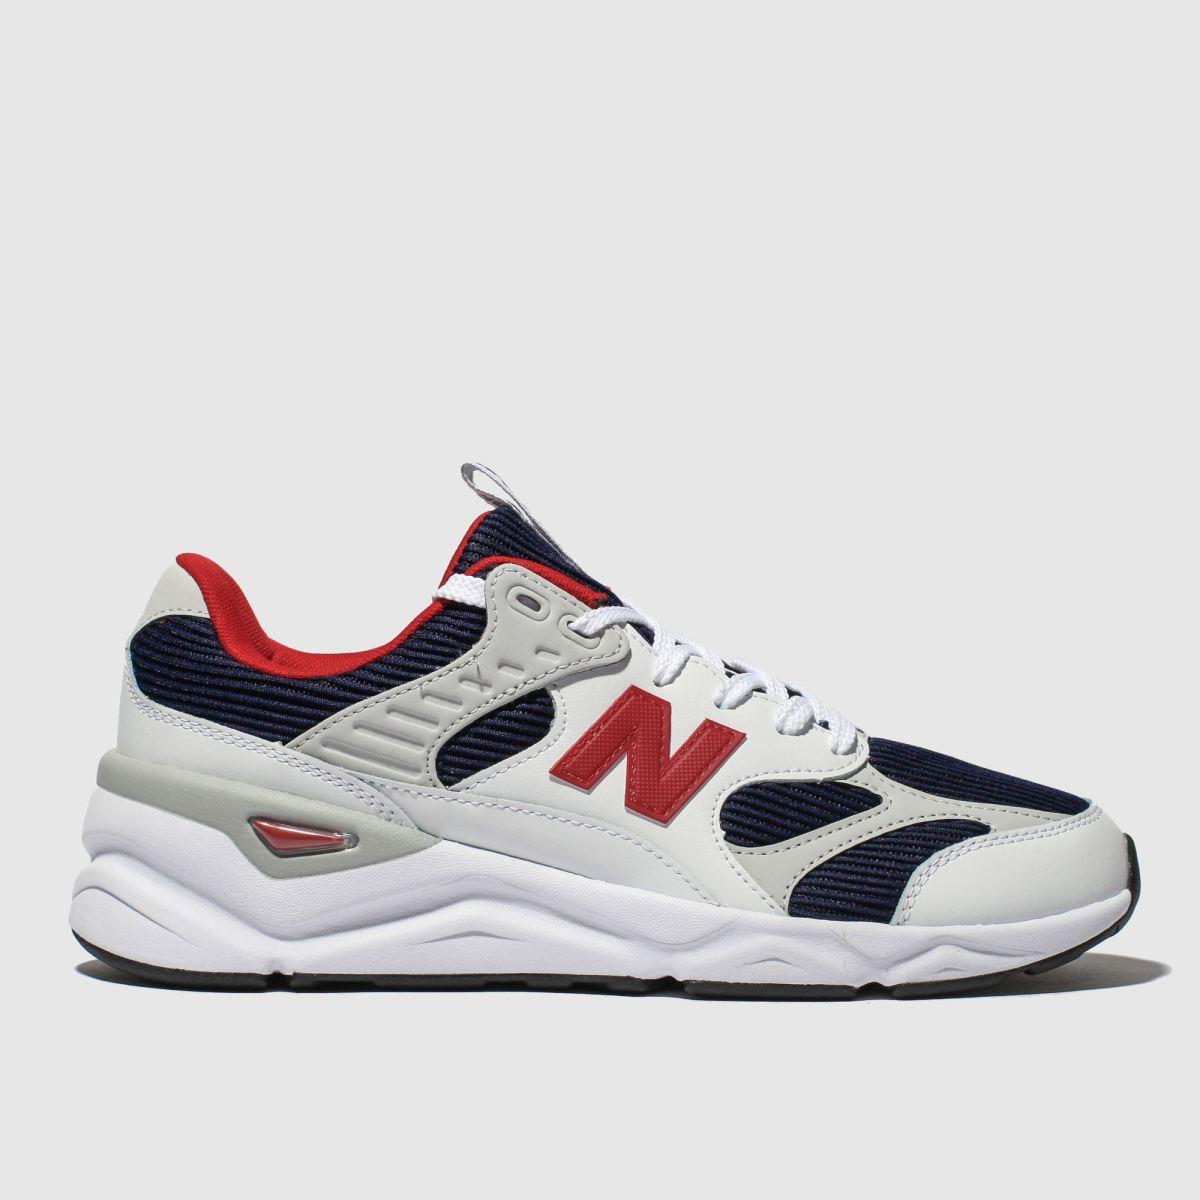 New Balance White & Navy X90 Trainers